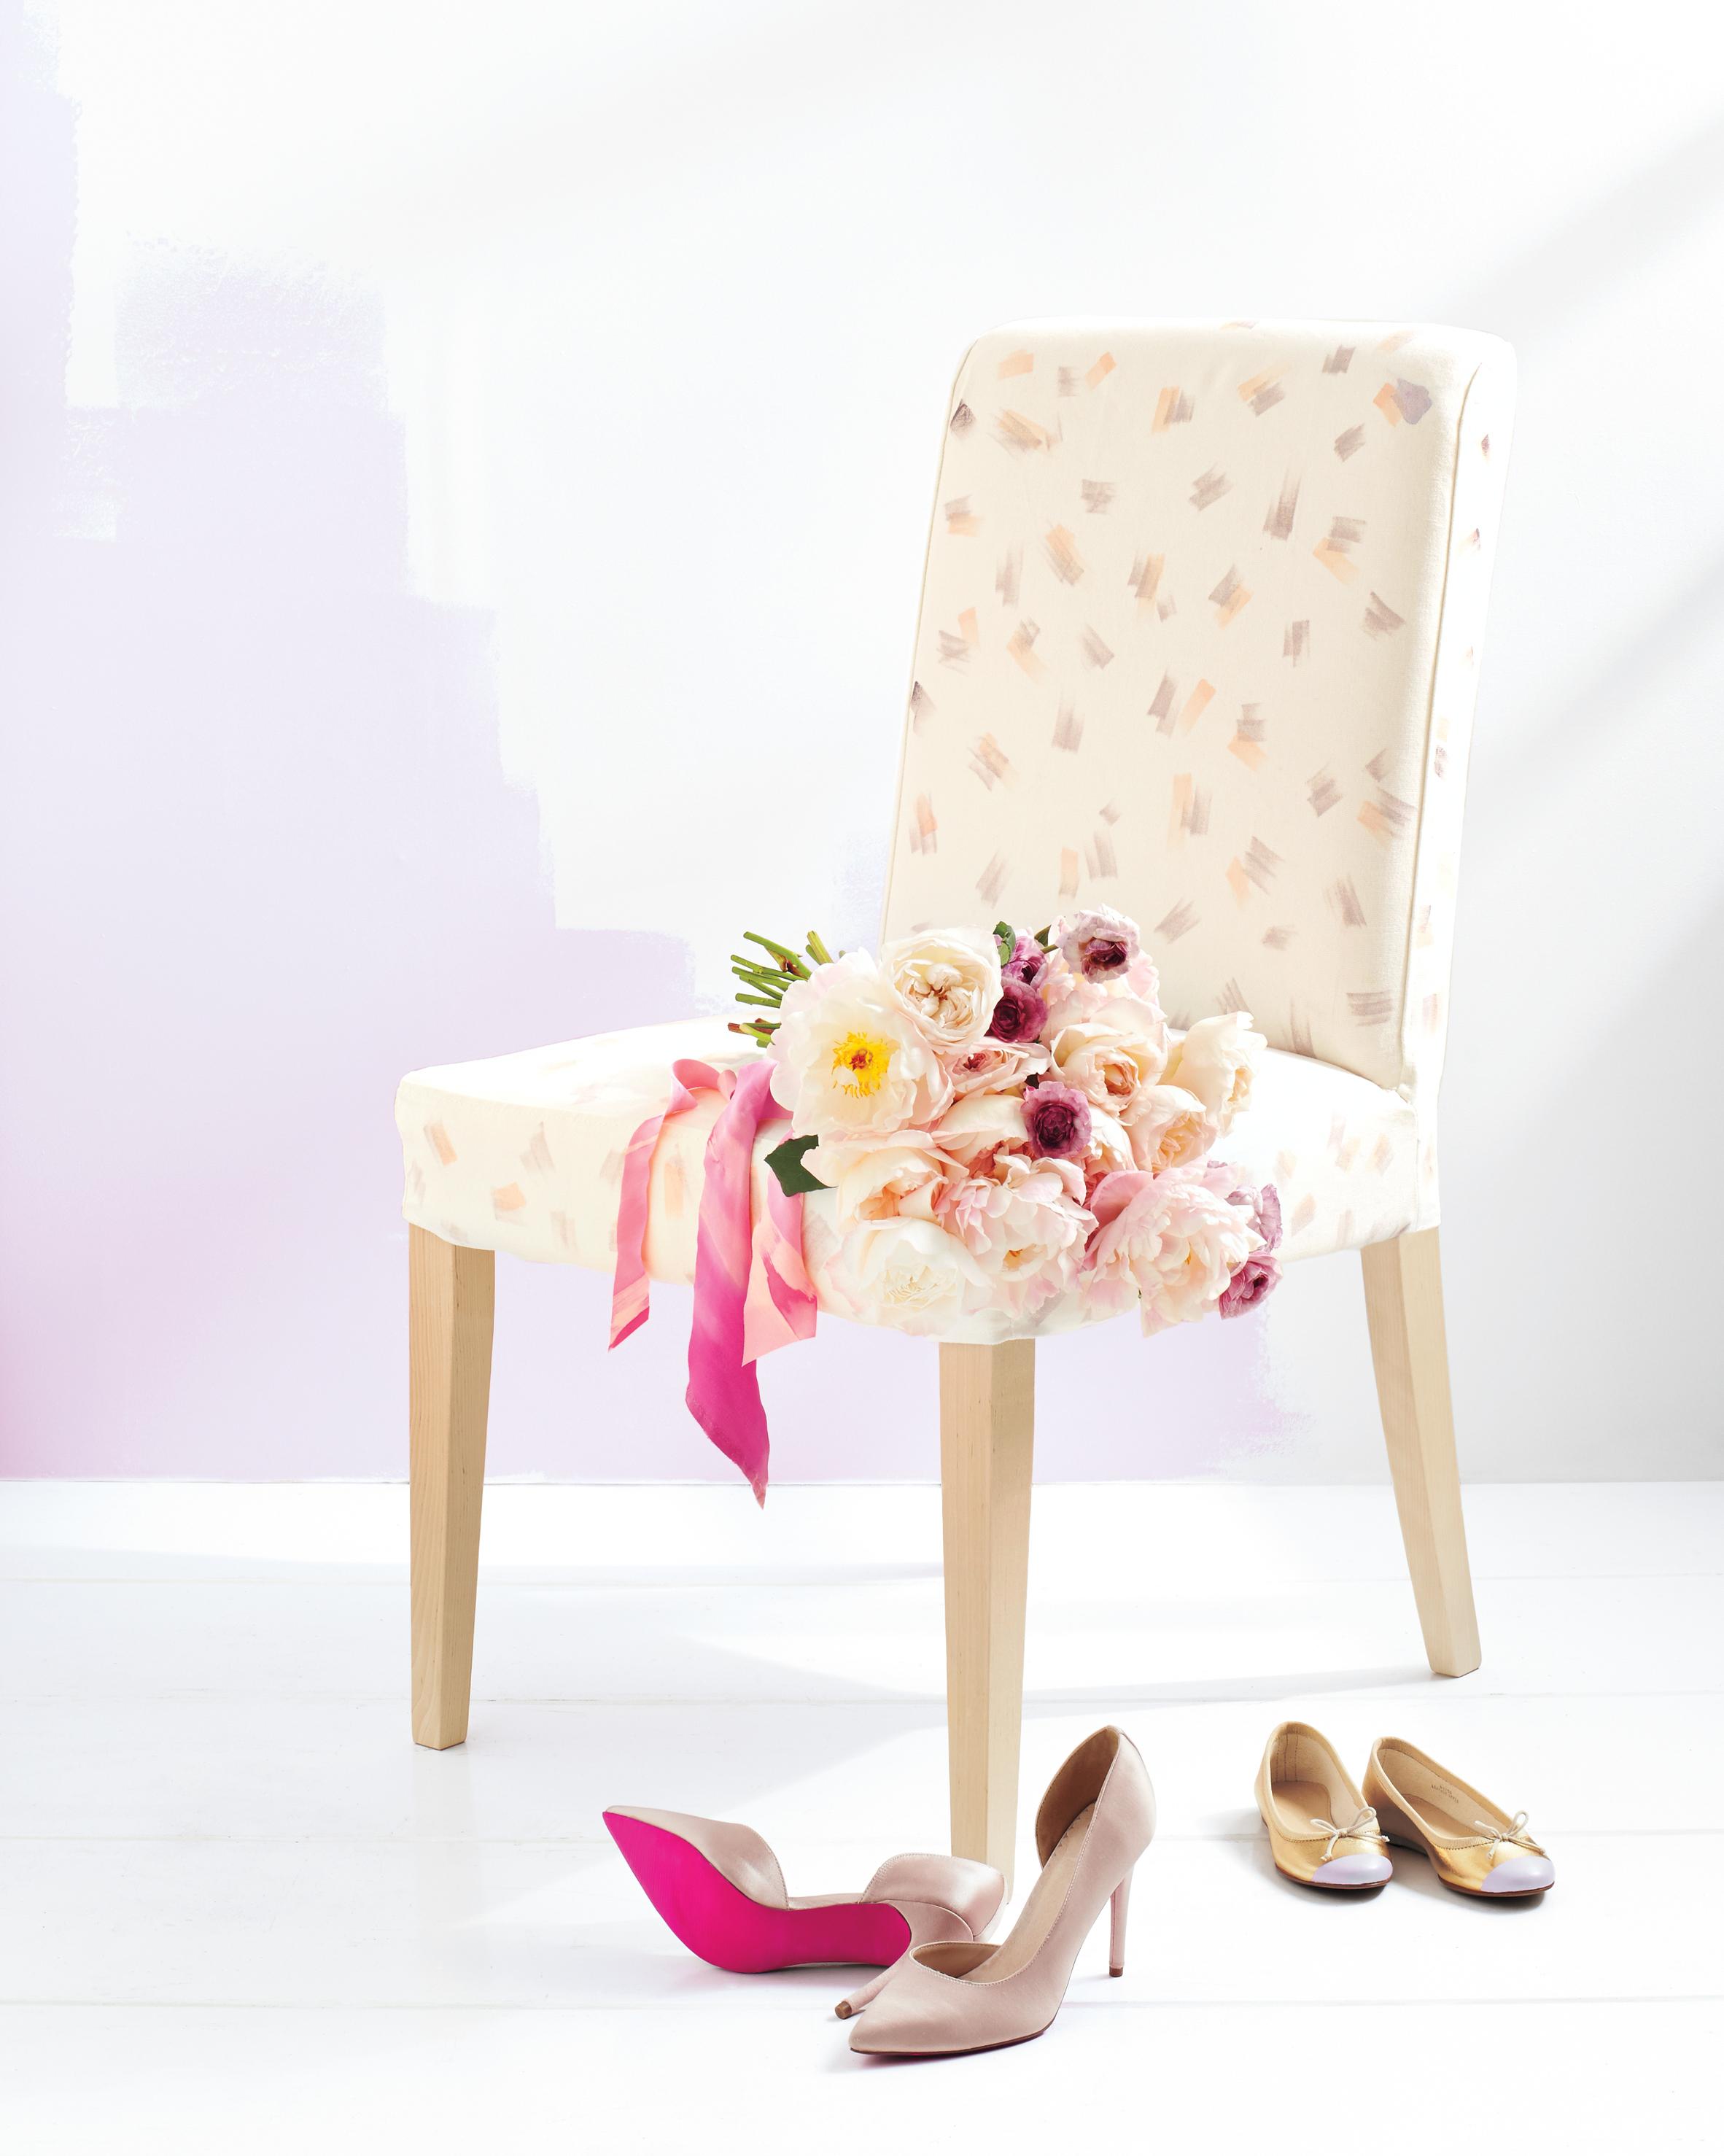 chair-bouquet-shoes-034-d111763.jpg